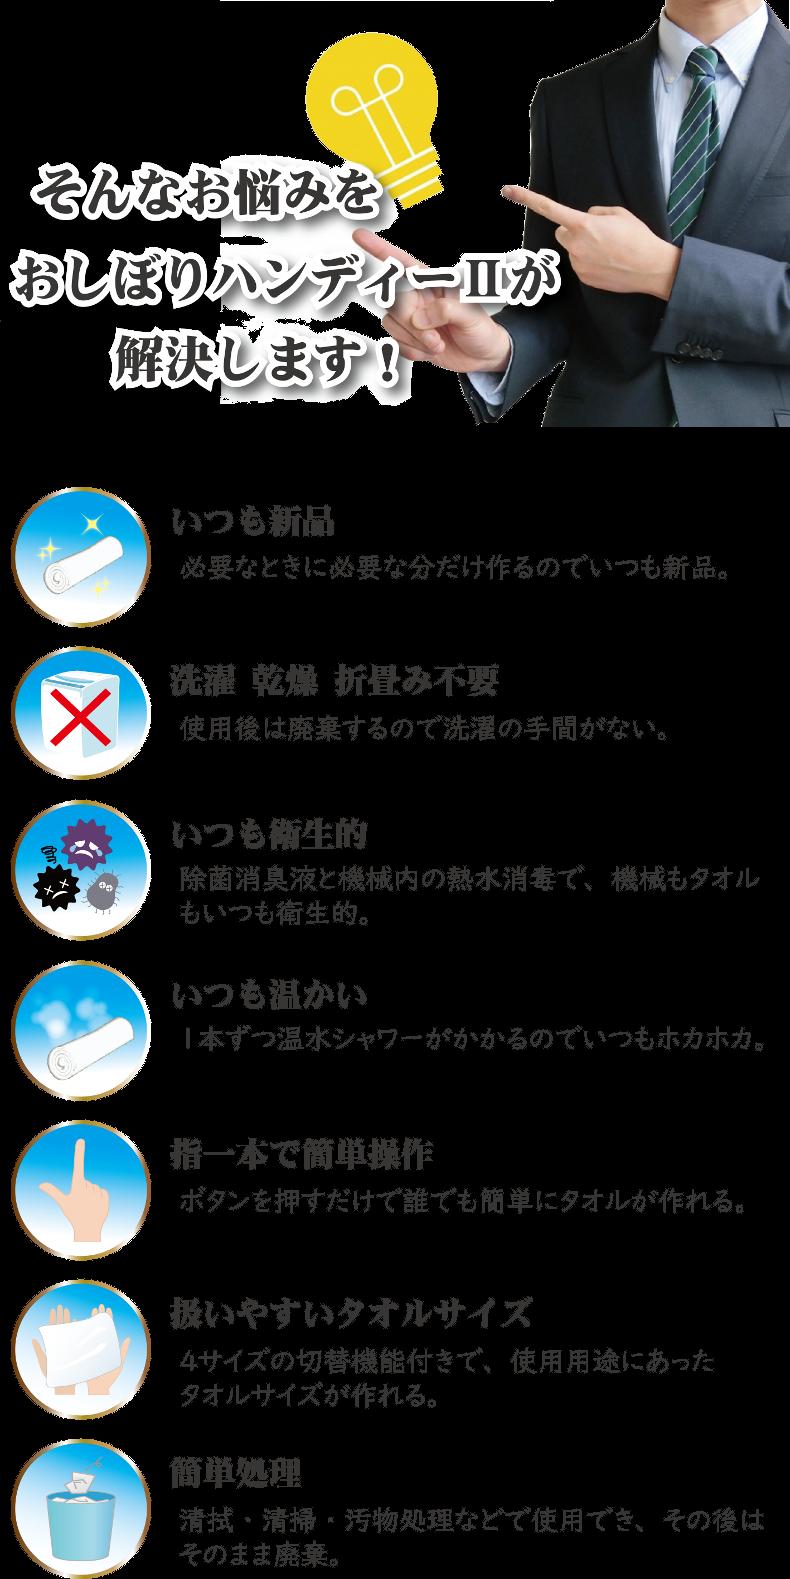 おしぼり自動製造機械「おしぼりハンディーⅡ」がそんなお悩みを解決します!:新品:洗濯乾燥折り畳み不要:衛生的:温かい:簡単操作:扱いやすいタオルサイズ:簡単処理